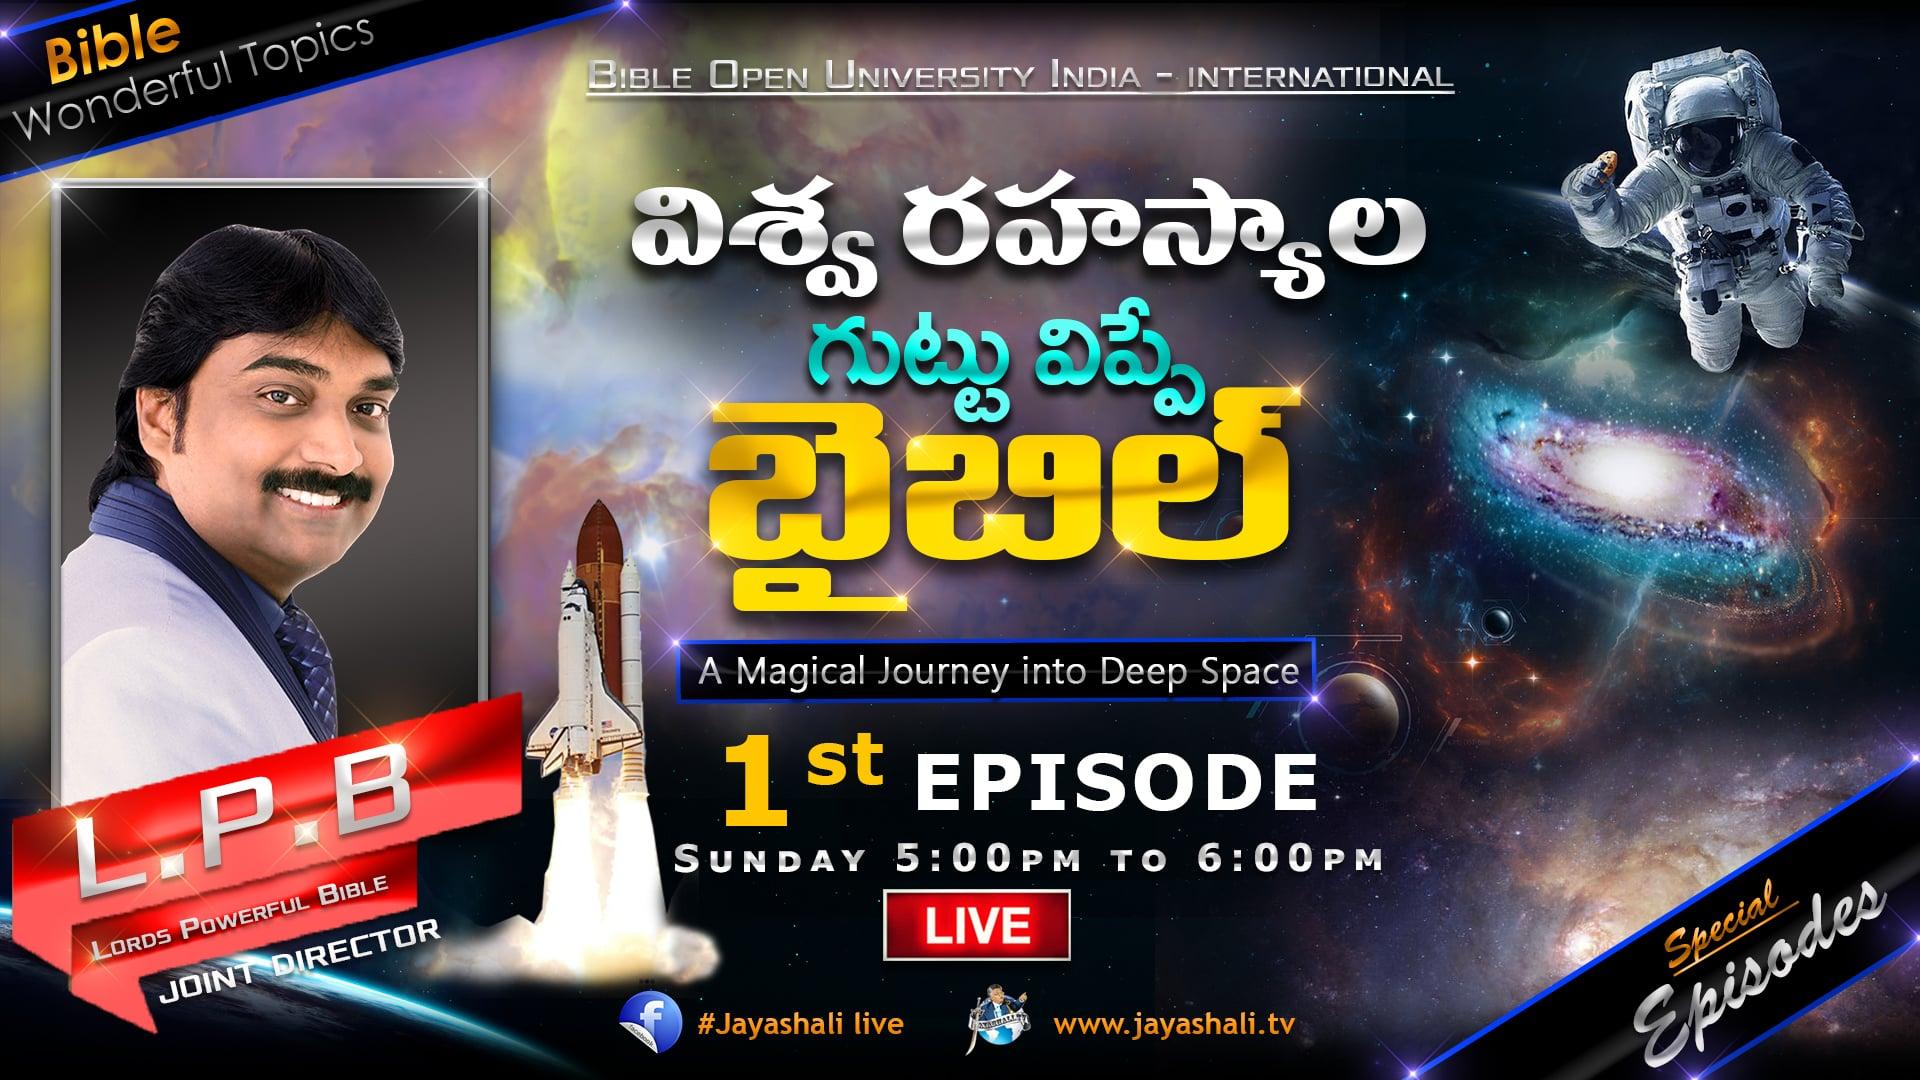 విశ్వరహస్యాల  గుట్టు విప్పే బైబిల్ | Part-1 | L.P.B | Jayashali live